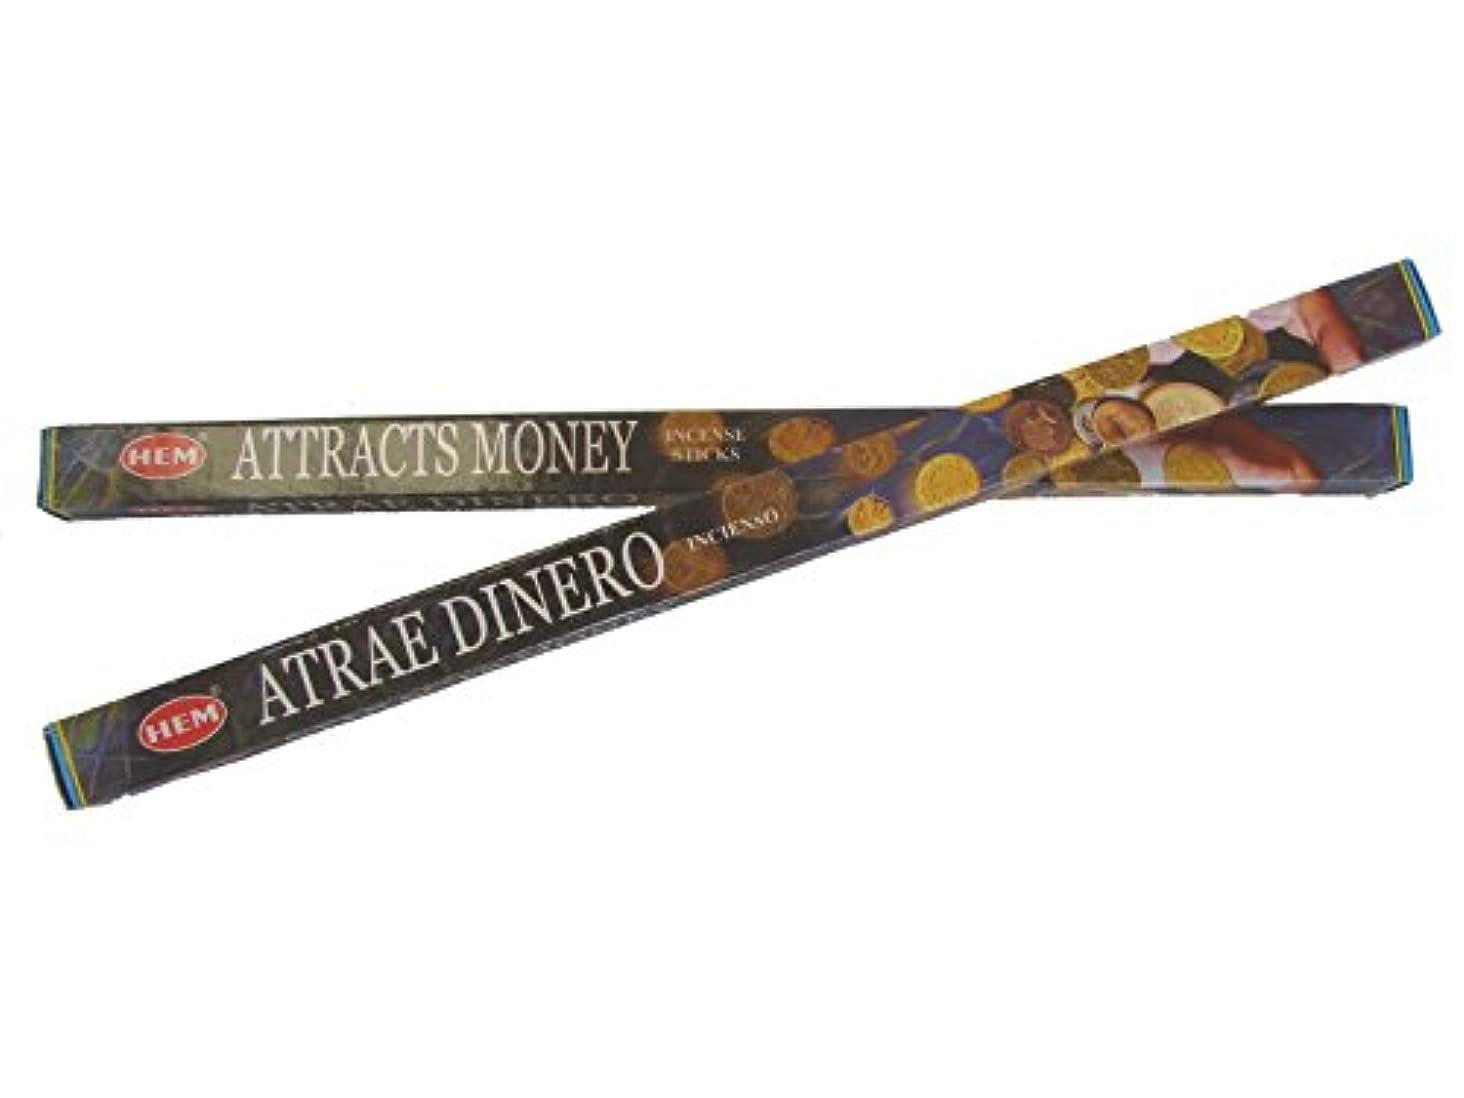 講堂住人スリップシューズ4 Boxes of Attracts Money Incense Sticks